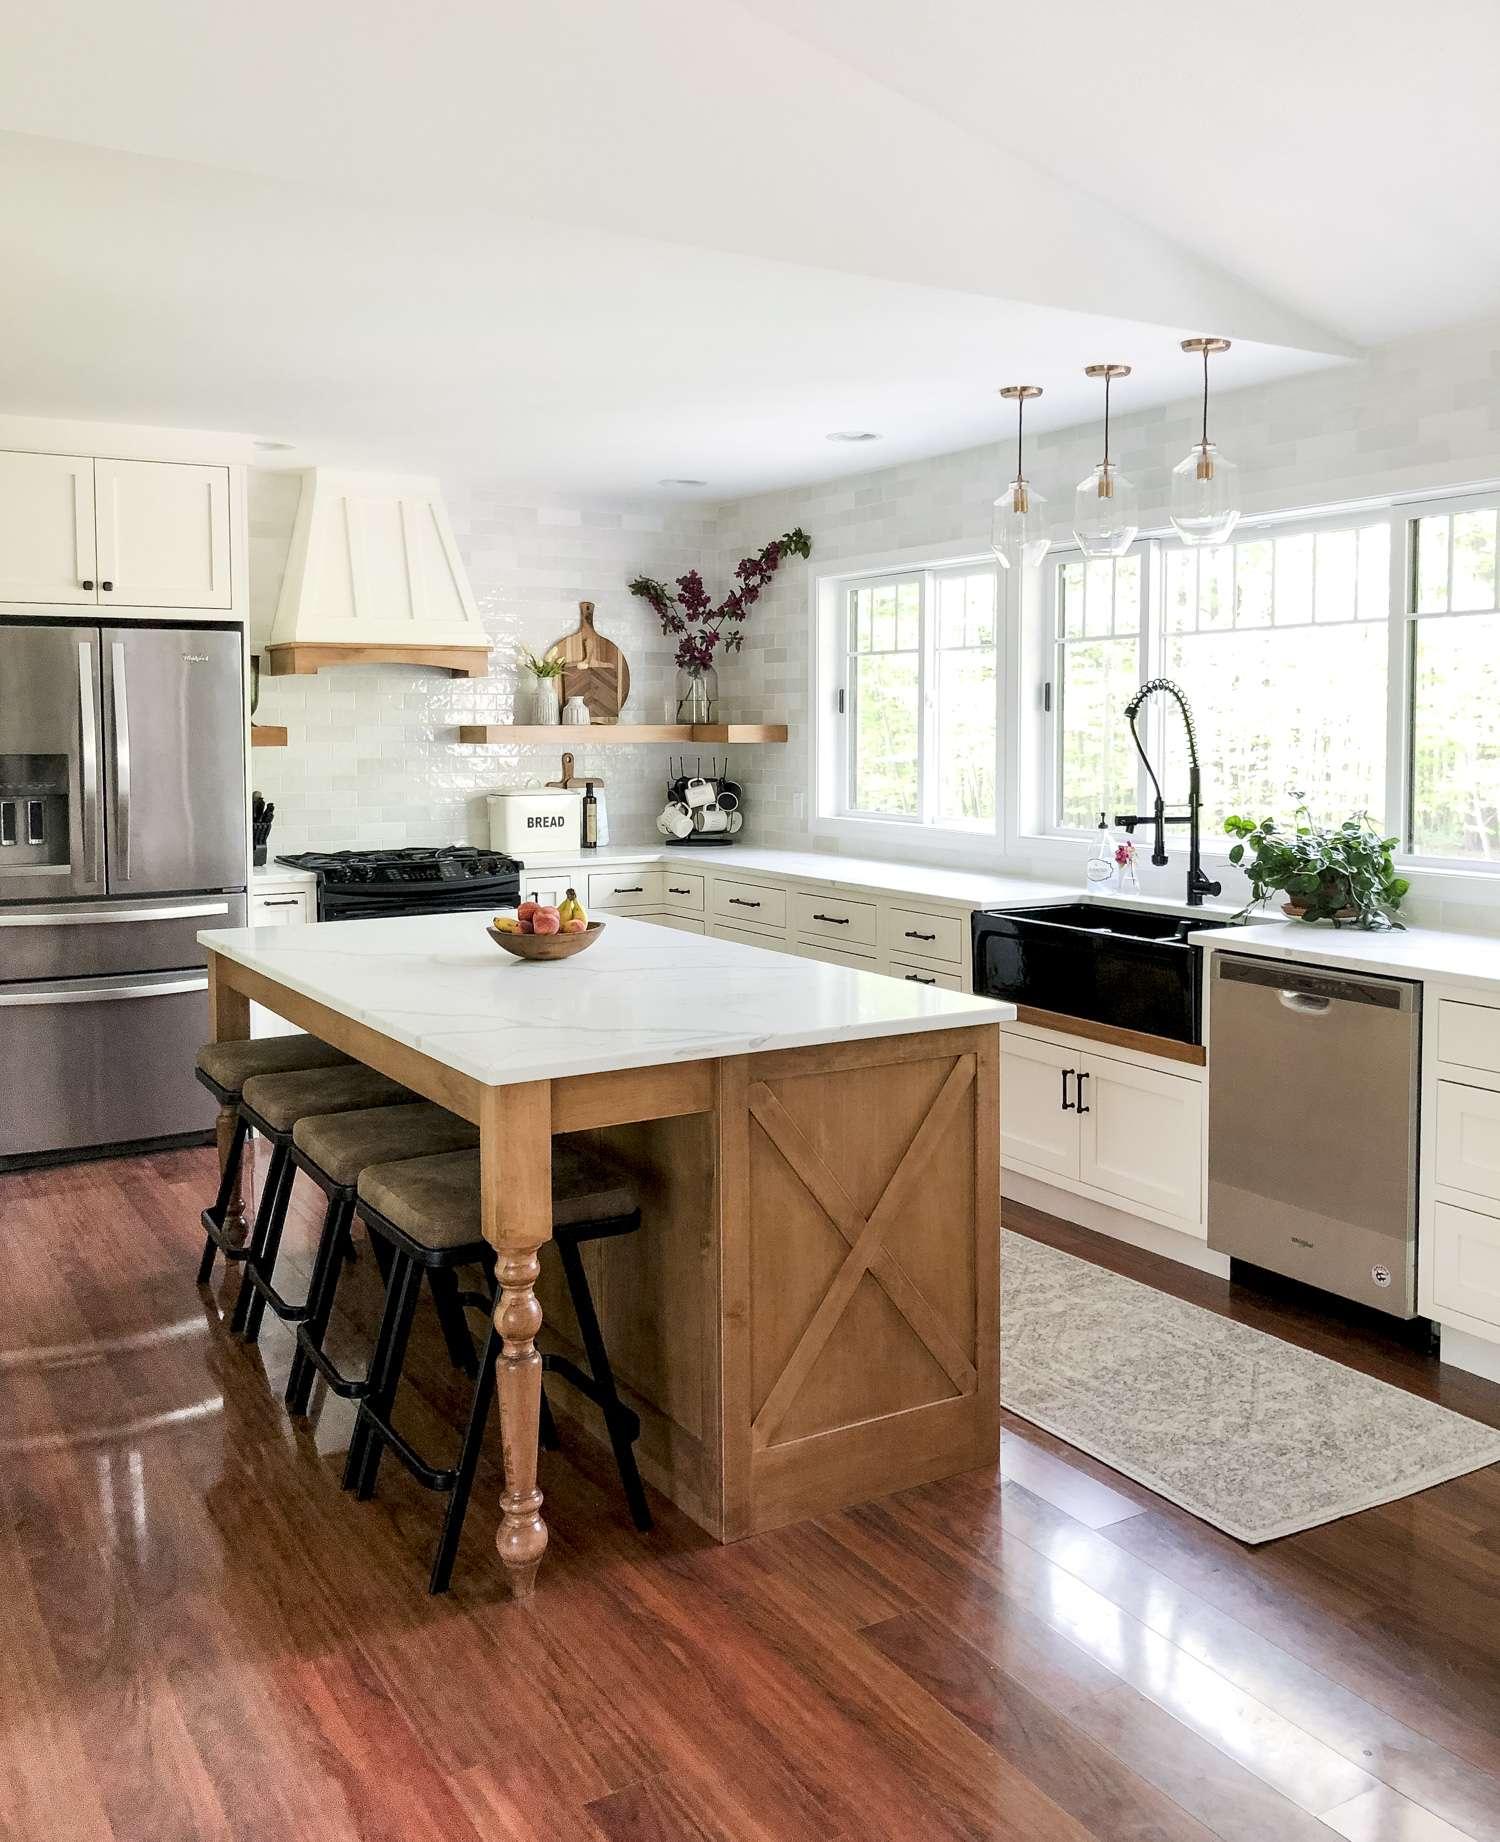 Designing a Modern Farmhouse Kitchen with a Black ... on Modern Farmhouse Bathroom  id=36478